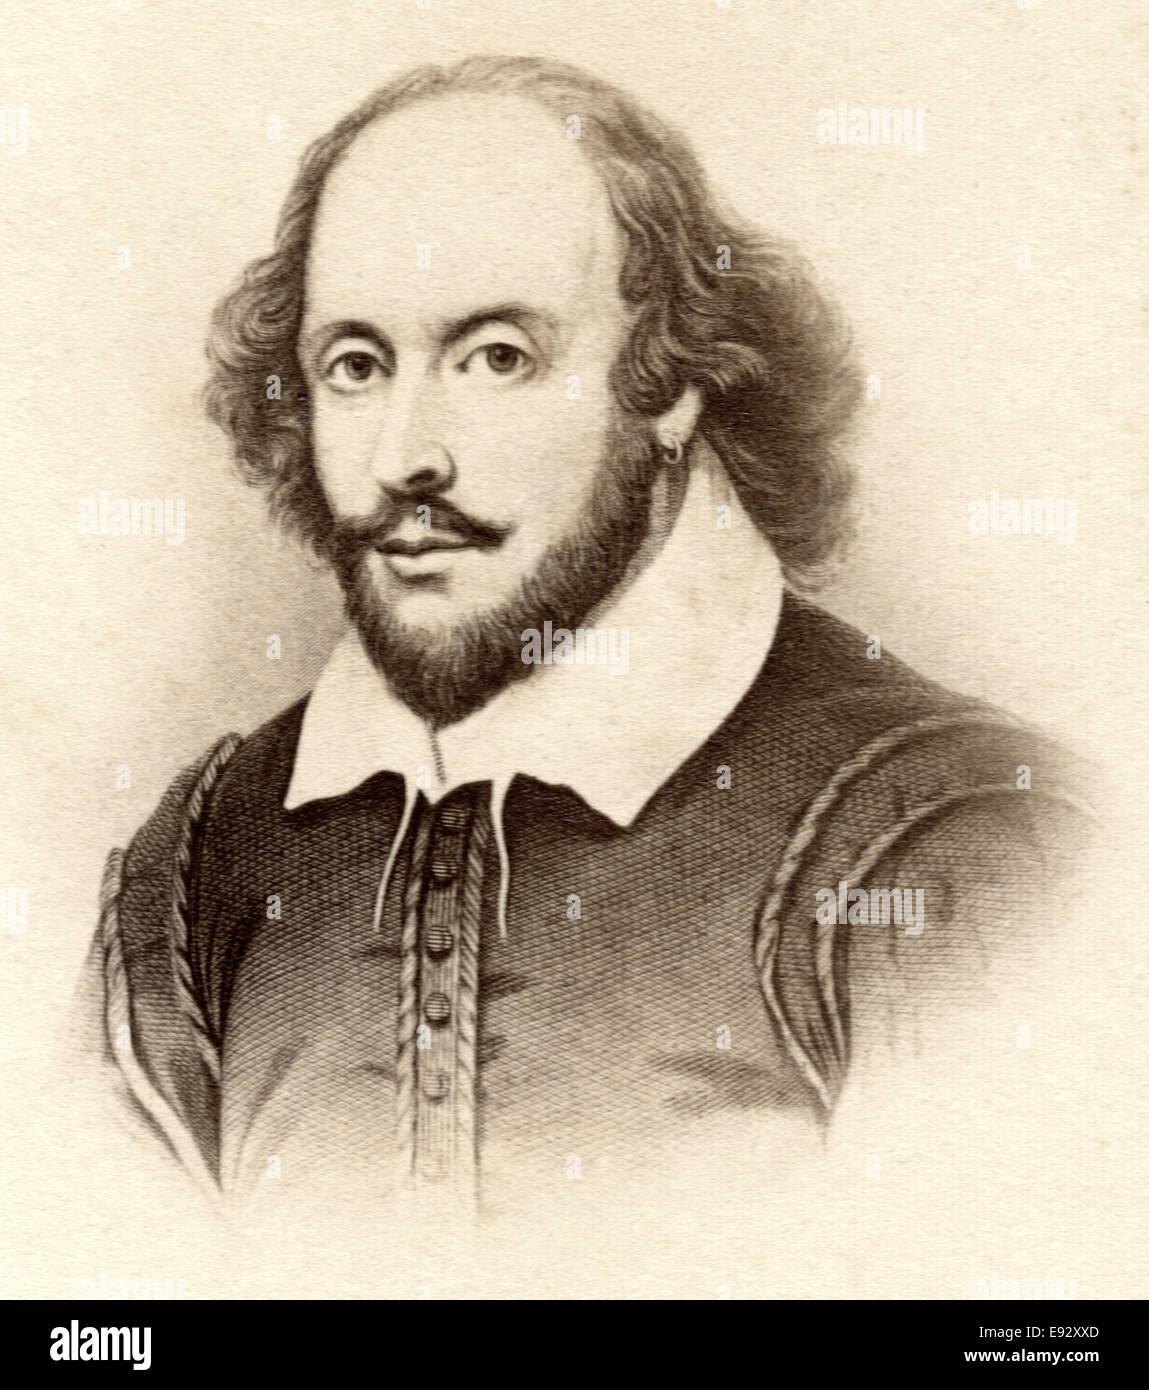 William Shakespeare (1564-1616), poeta inglés, dramaturgo y actor, ampliamente reconocido como el mayor dramaturgo, Retrato Foto de stock